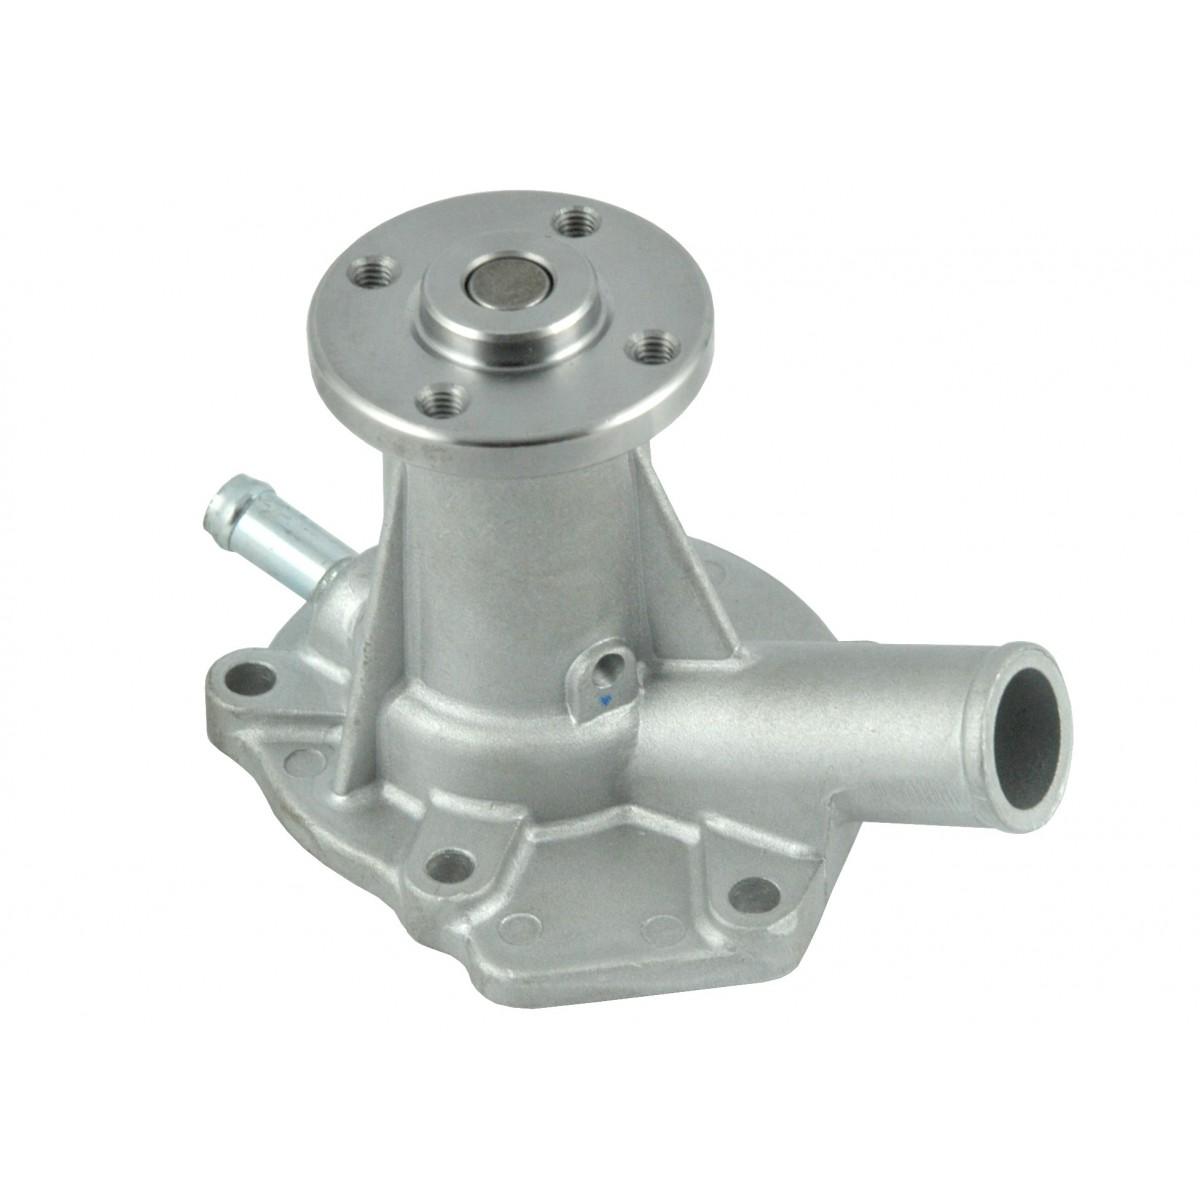 Kubota D850 engine water pump